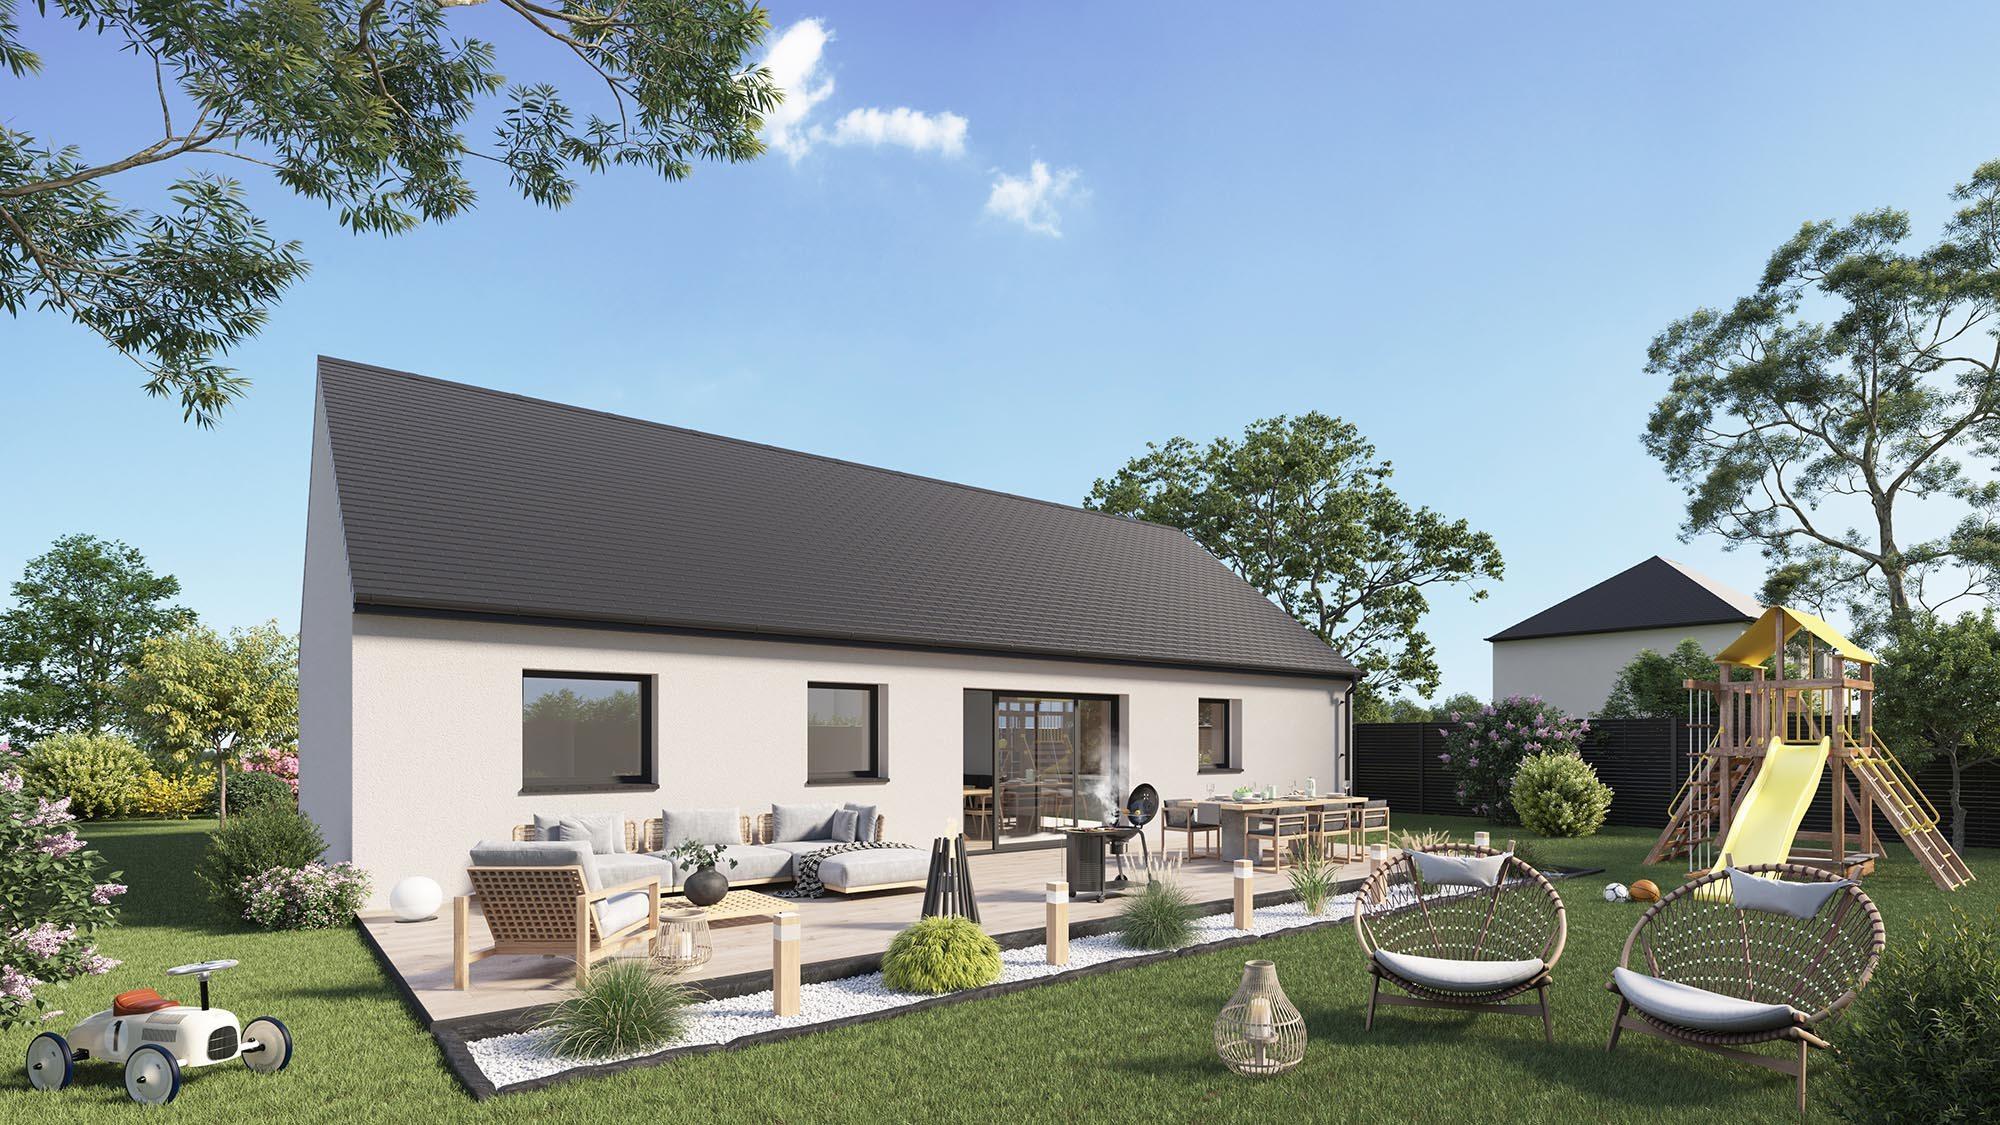 Maisons + Terrains du constructeur Maison Castor Amiens • 98 m² • LAMOTTE WARFUSEE